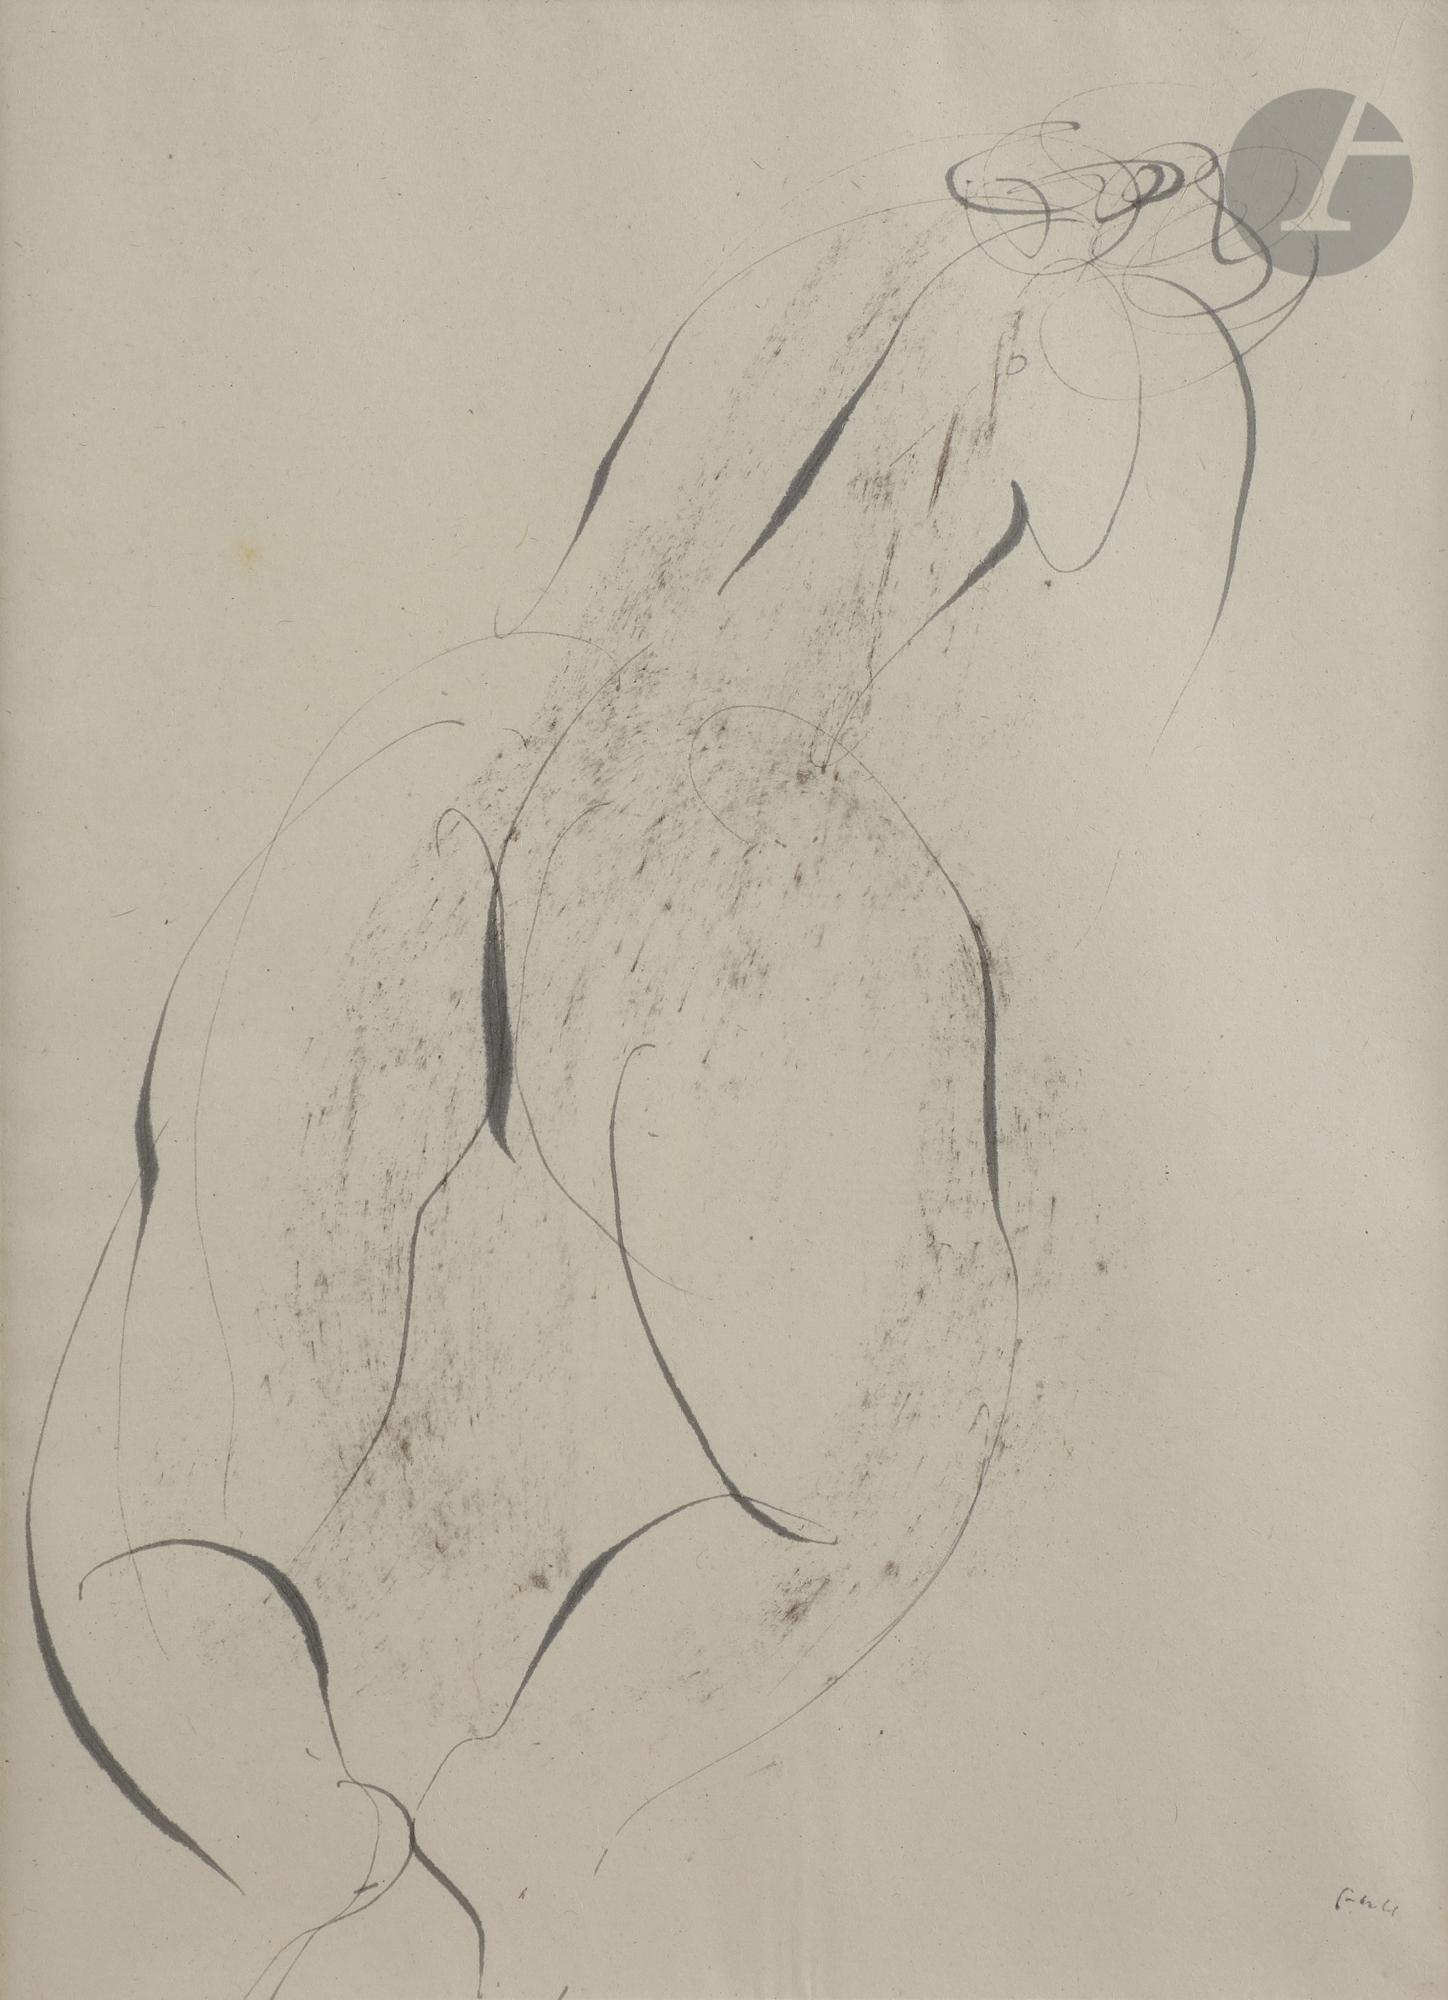 Lot 5 - Jean FAUTRIER (1898-1964) Nu de dos, 1944 Encre et frottage. Monogrammée et datée en bas à droite.